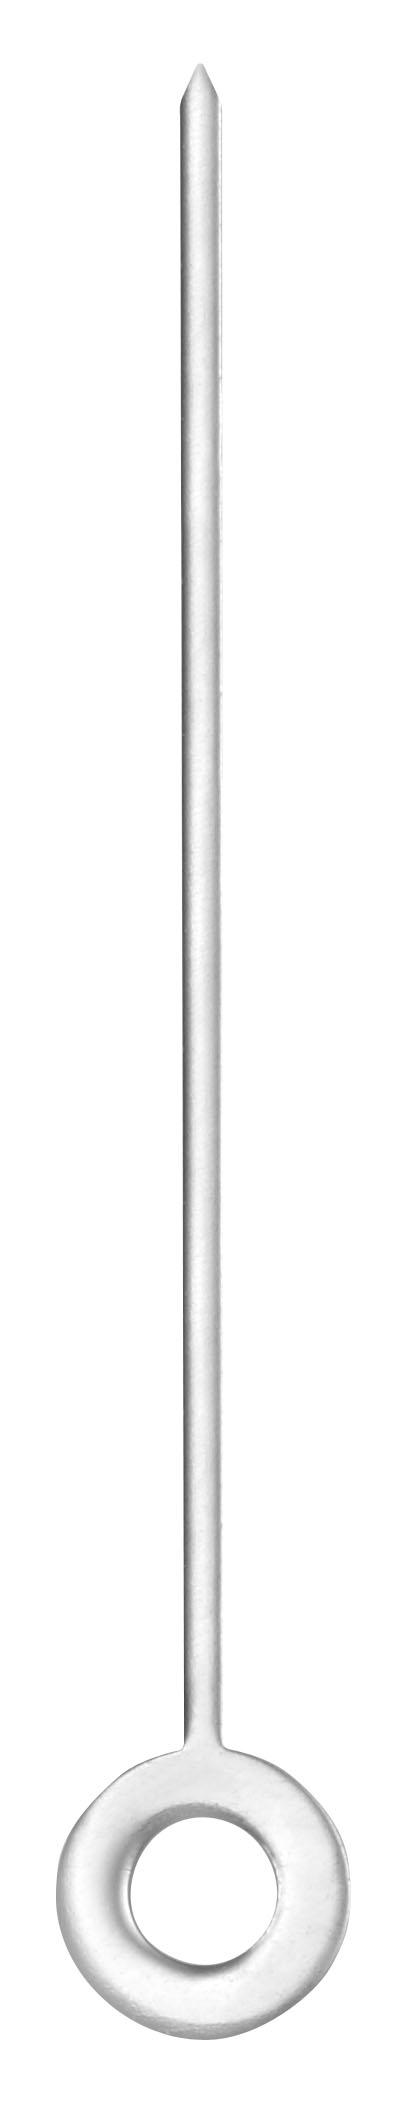 Minutenzeiger Faden Nickel, Loch Ø 1,1 Länge 13,5 mm